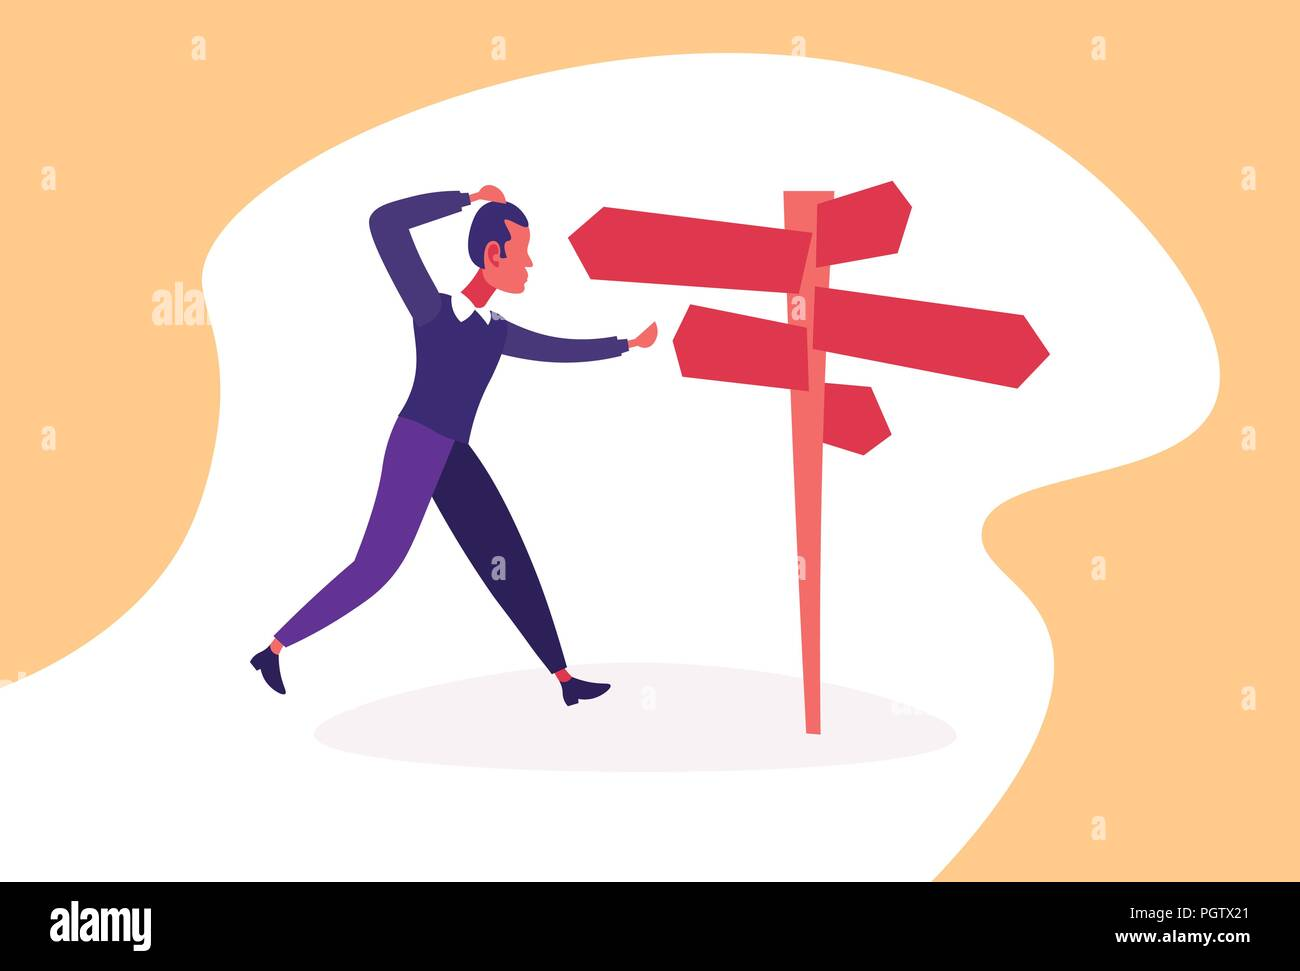 Verwirrt Geschäftsmann stehende Schild wählen business Richtung weise Schild Pfeil horizontale Zeichentrickfigur flach Stockbild